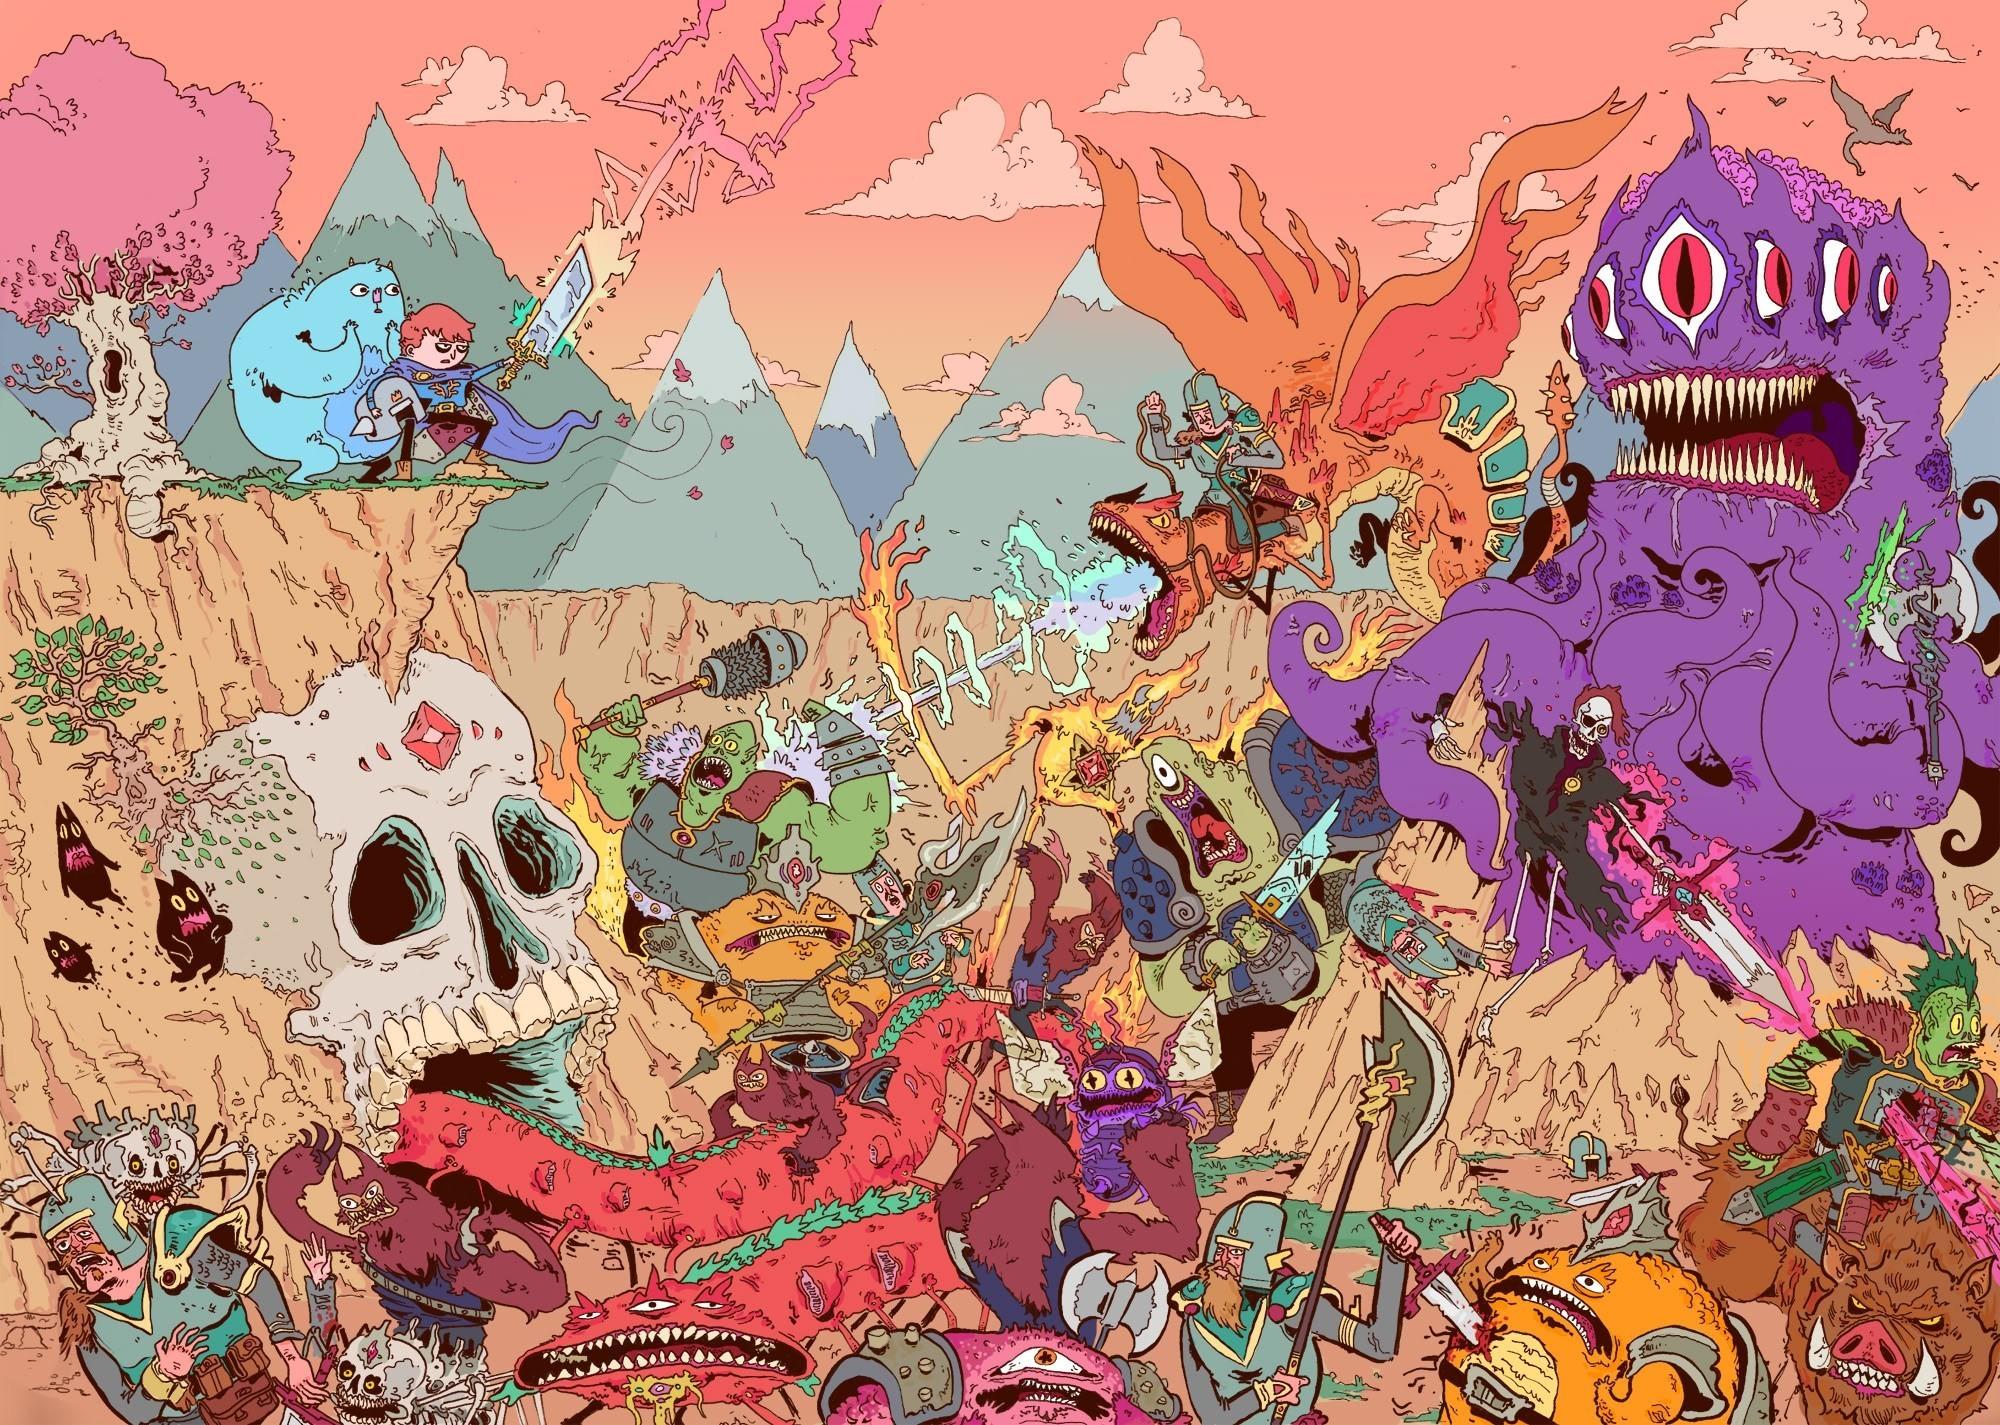 General LSD shrooms